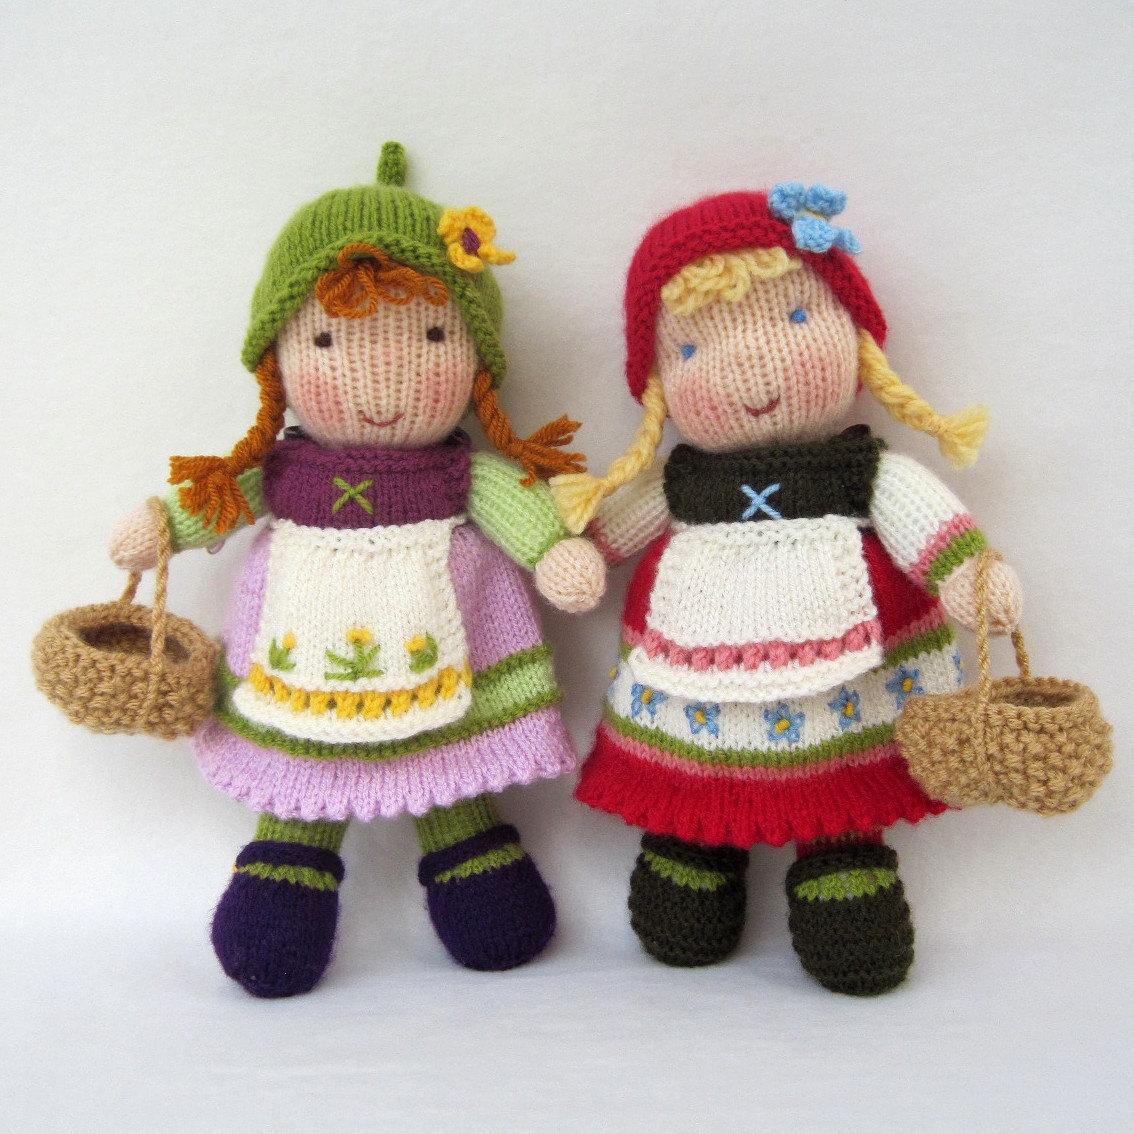 knitting doll knitting-doll-12 gxnqwla